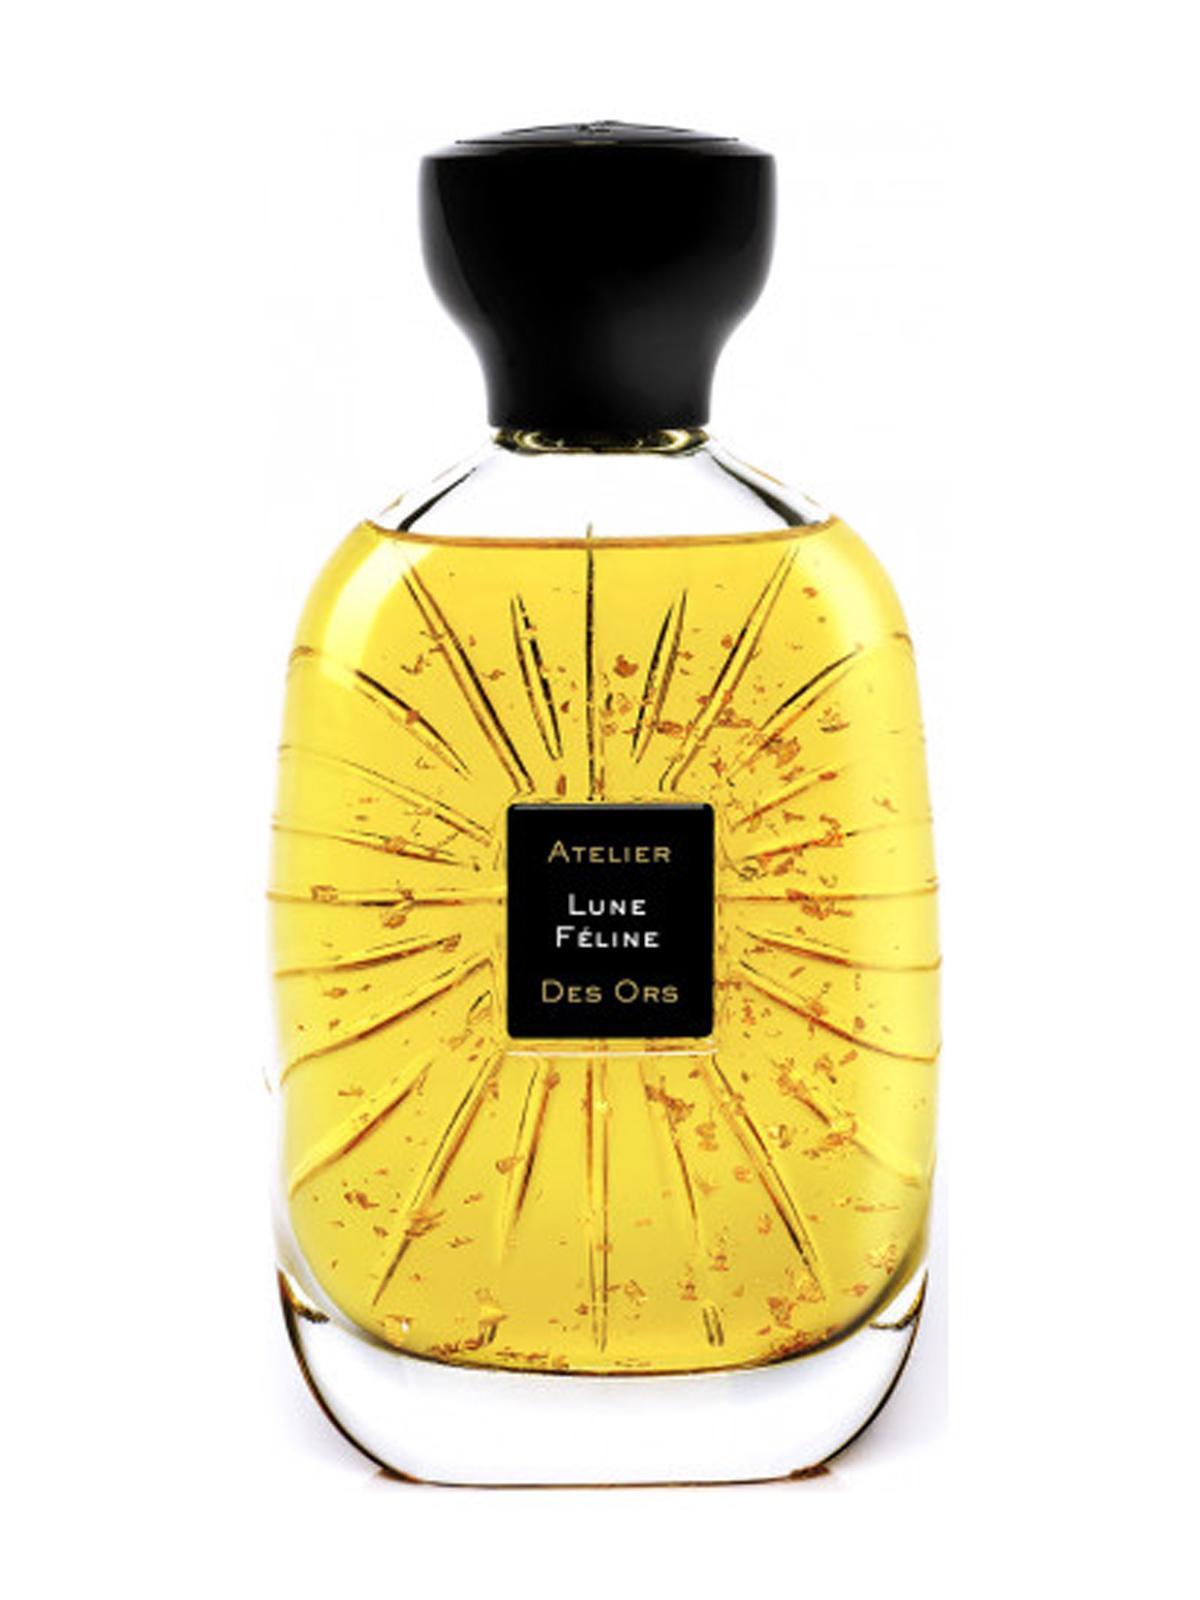 Atelier Des Ors Lune Feline For Unisex Eau De Parfum 100ML